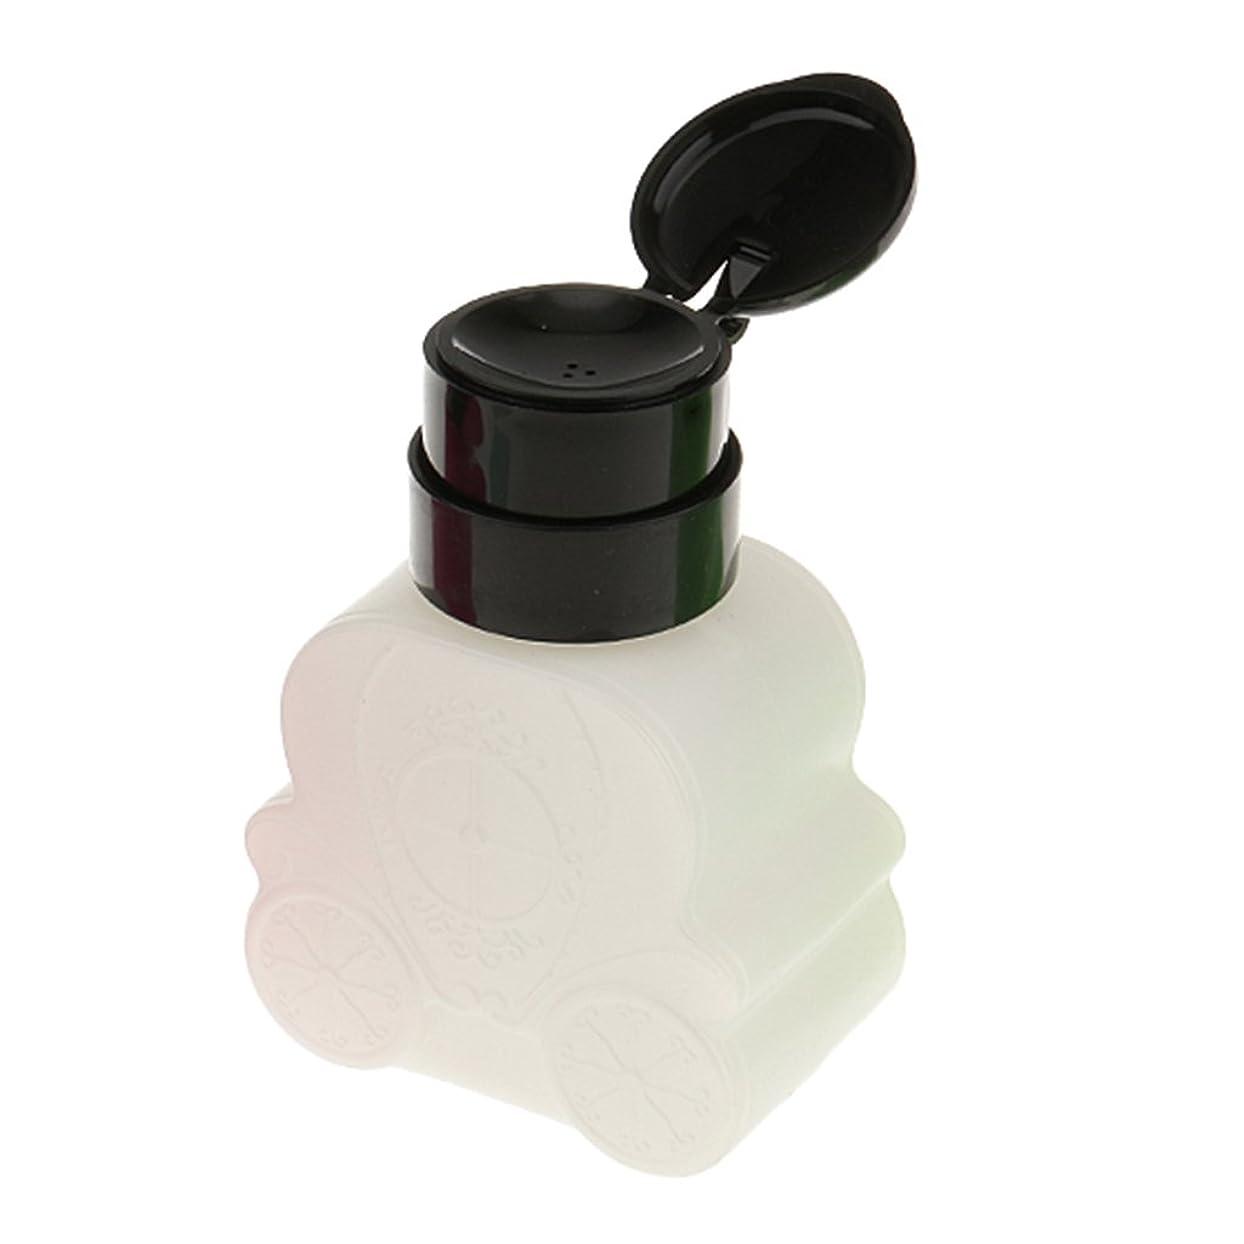 びっくりしたベンチ貫入T TOOYFUL 空き瓶 空のプラスチックボトル 化粧品 空ボトル